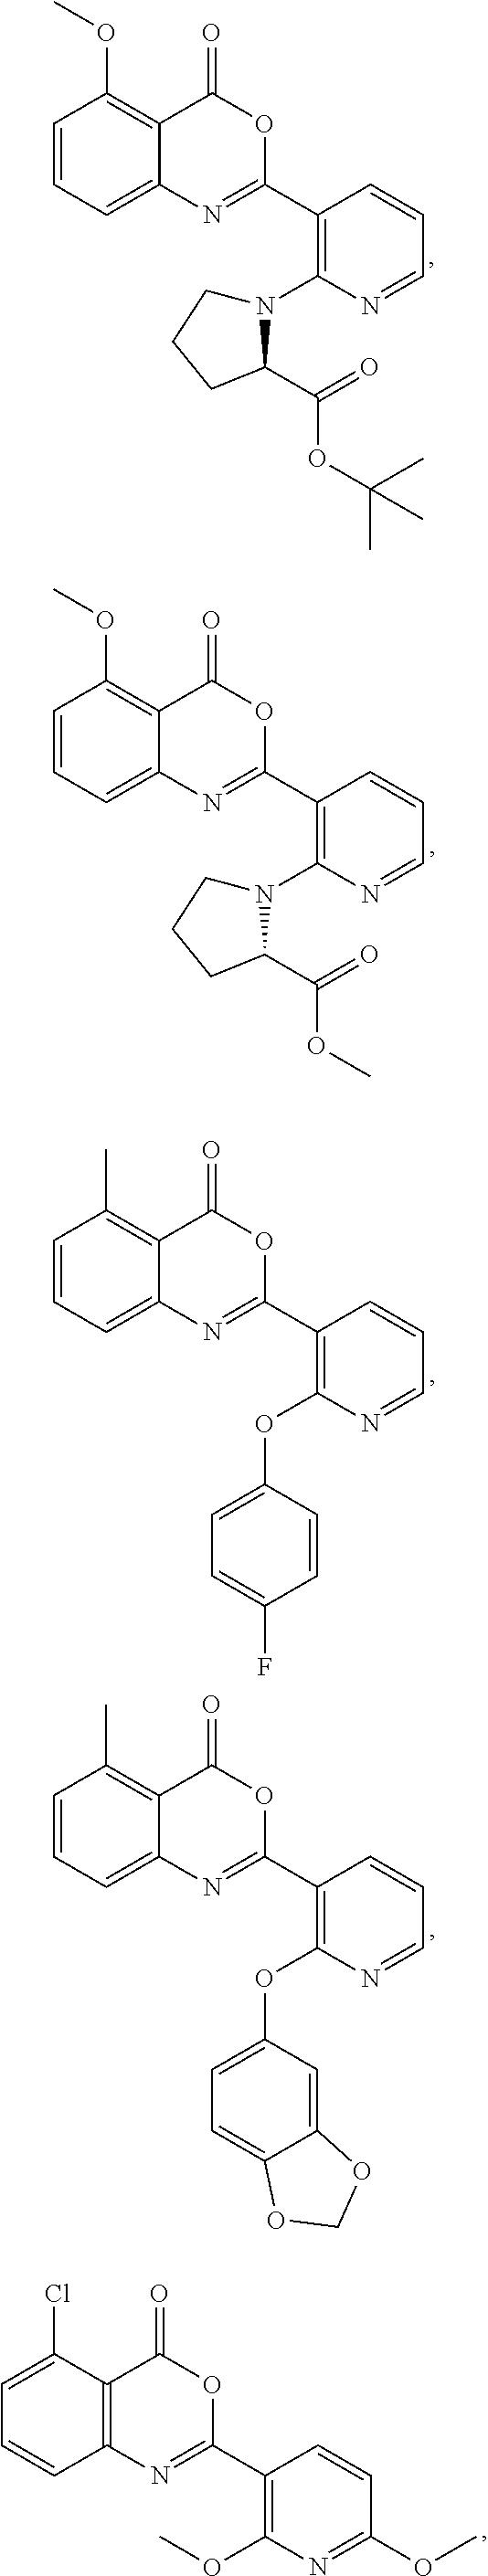 Figure US07879846-20110201-C00378